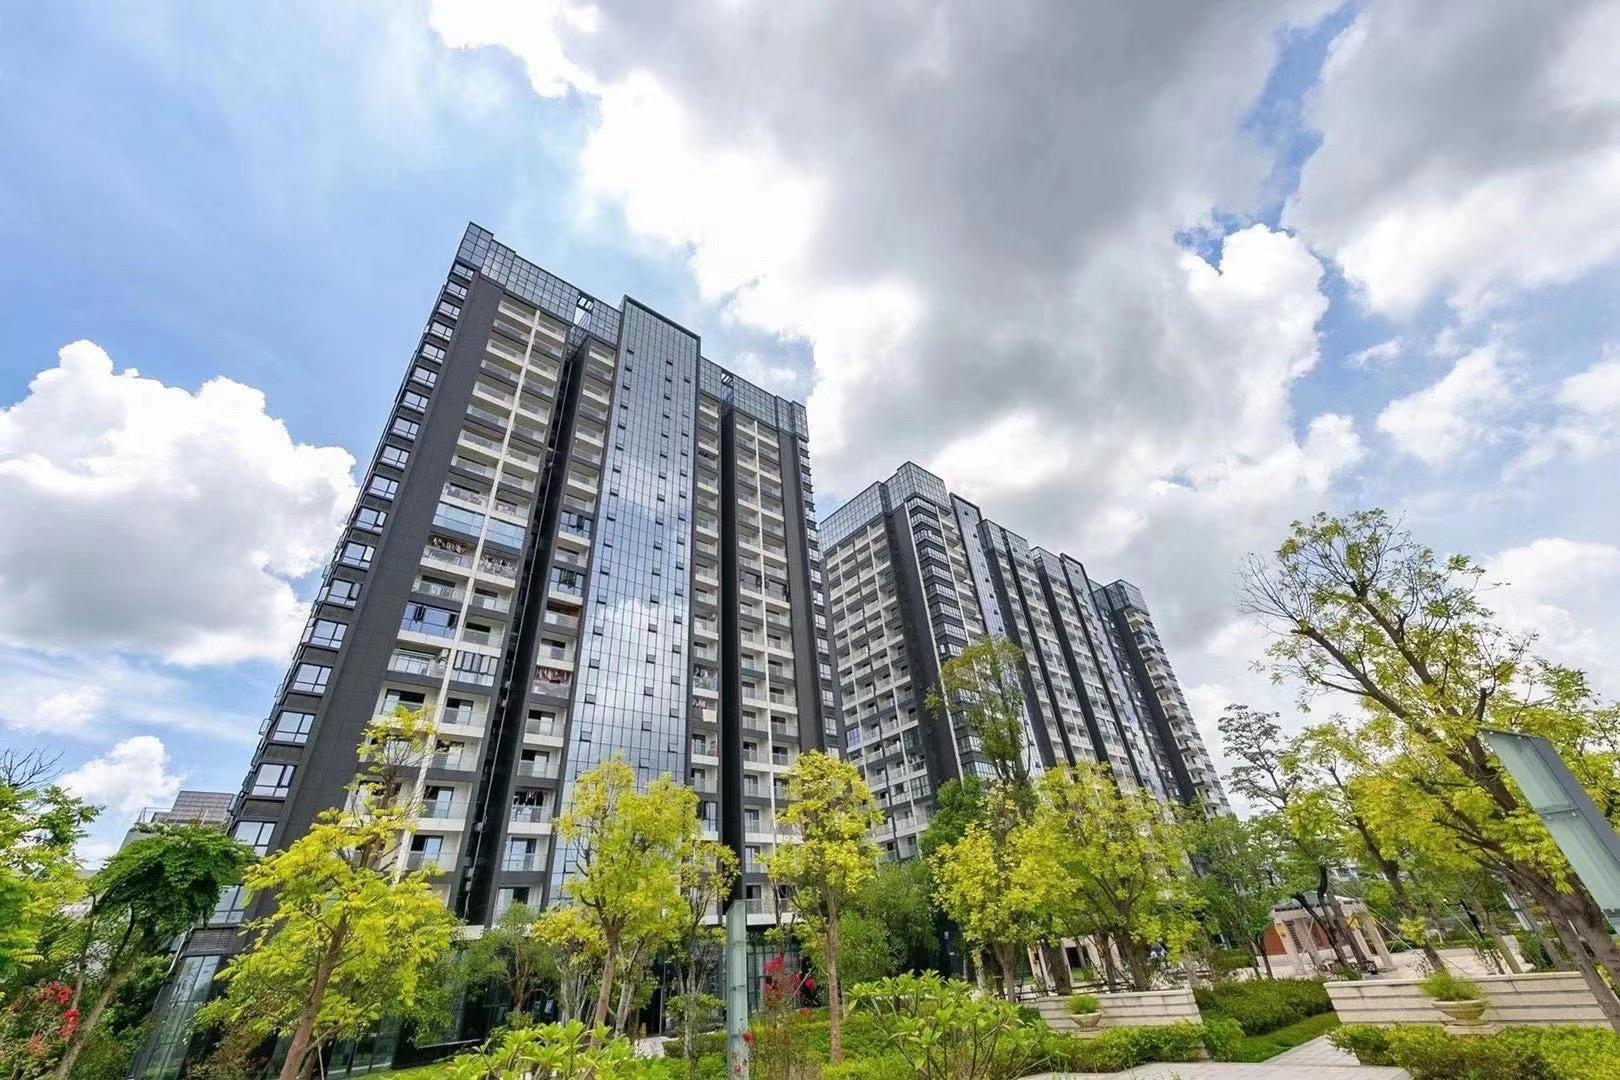 电梯花园【山水 • 悦城 】小区新房,绿化率60% 首付28万起,入住小两房